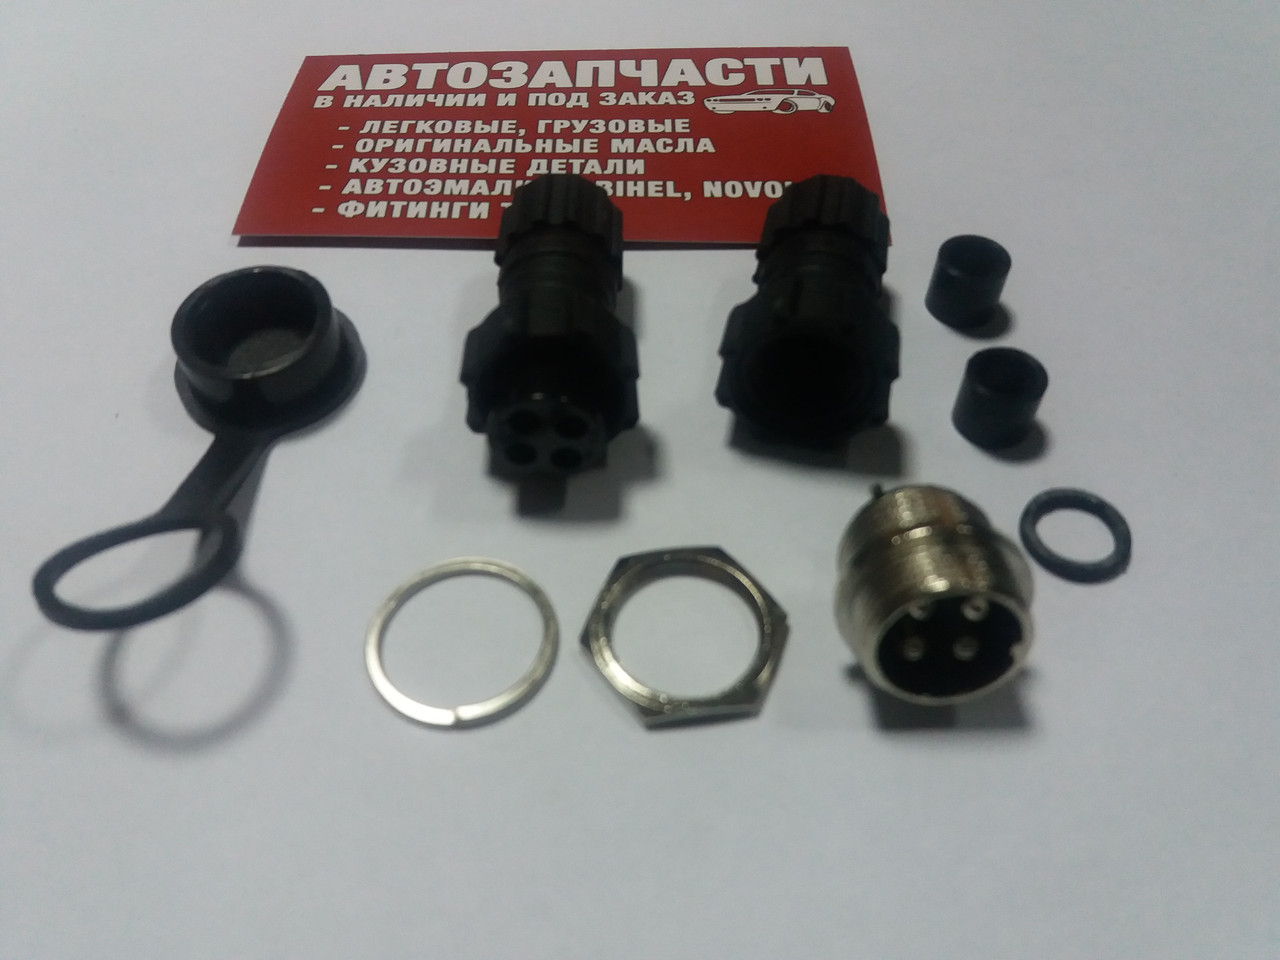 Разъем герметический (круглый) 4 контакта комплект